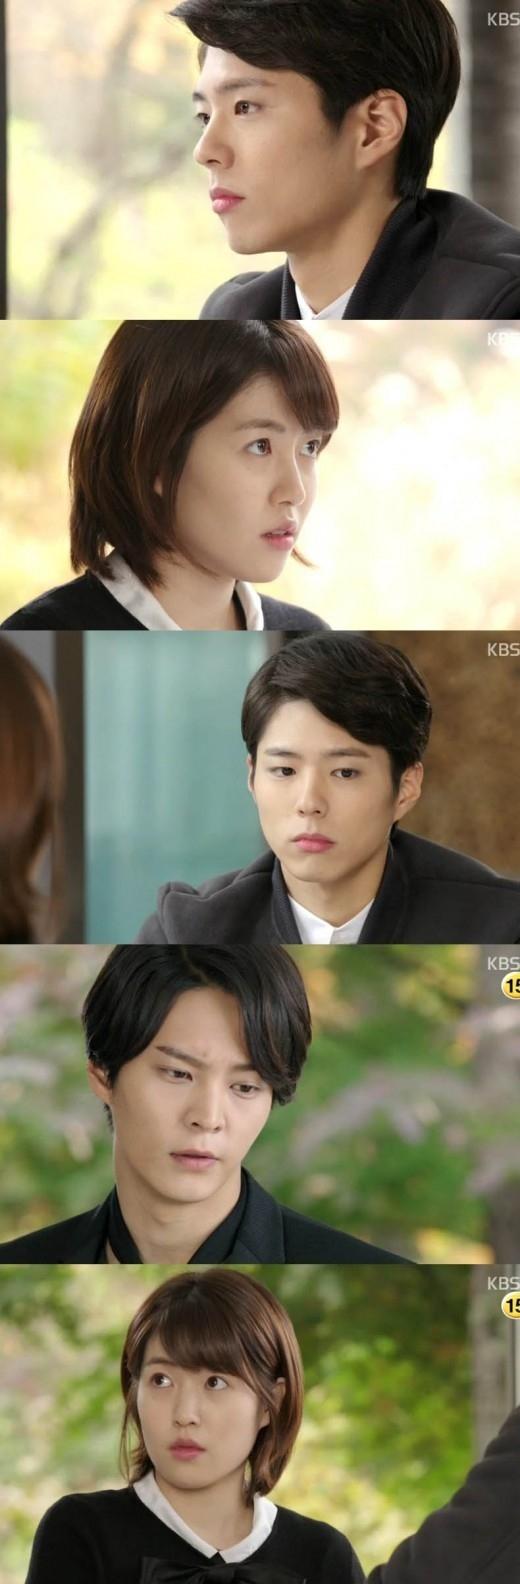 韓国版「のだめ」オリジナルキャラクターによる三角関係、毒となるか薬となるか